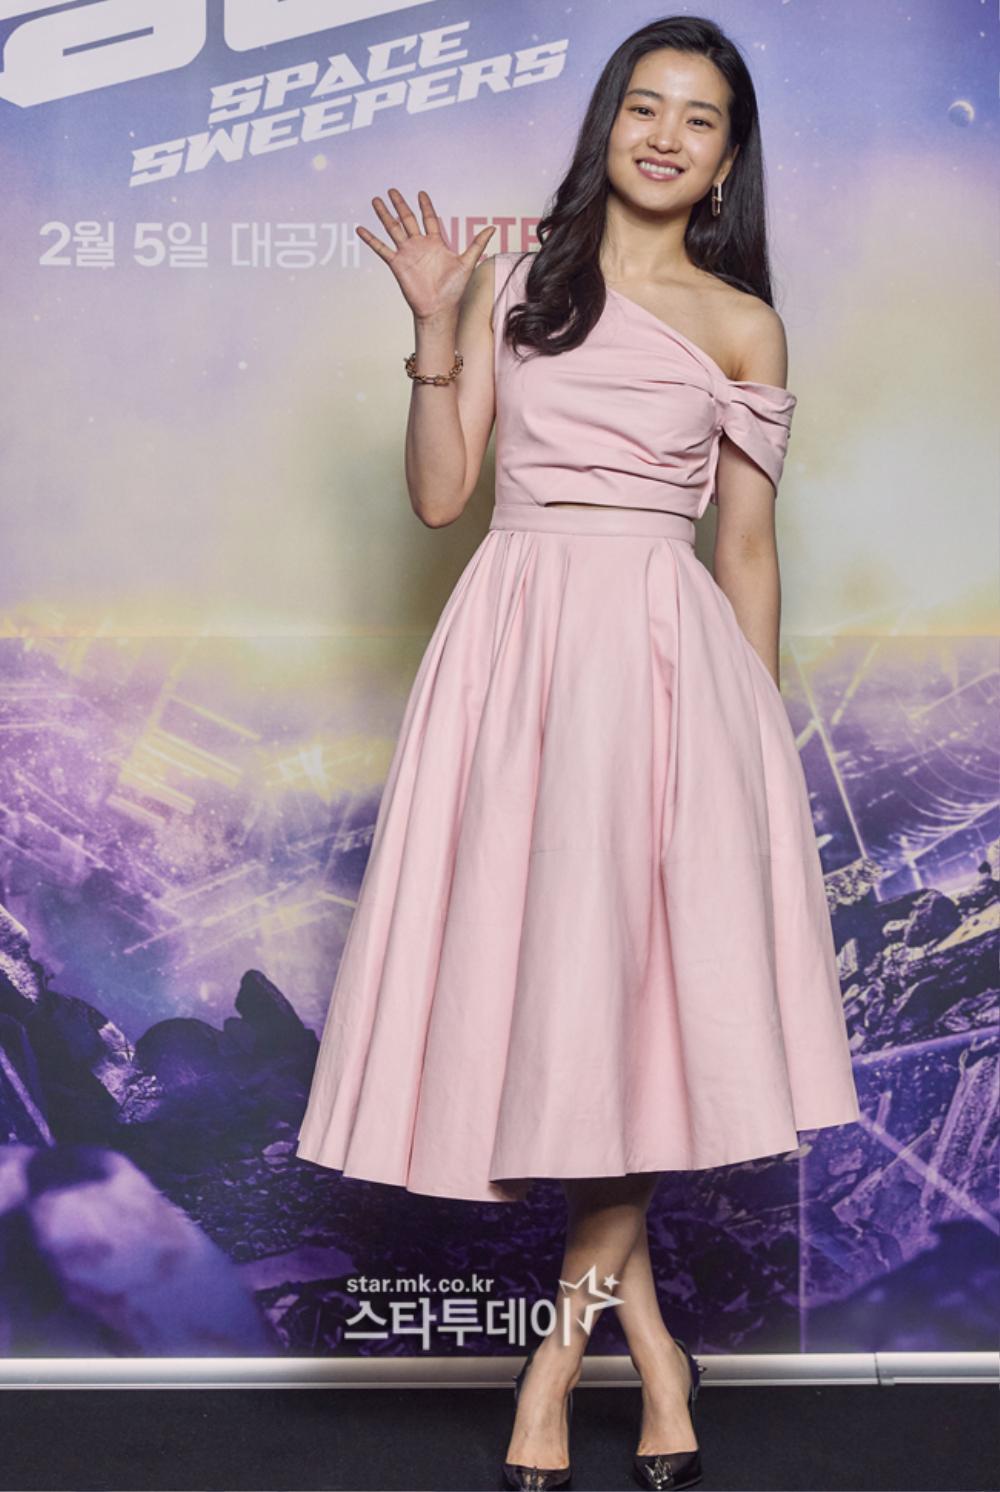 Song Joong Ki kém sắc bên 'tình mới' tại họp báo, Song Hye Kyo trẻ đẹp như gái đôi mươi hậu ly hôn! Ảnh 3